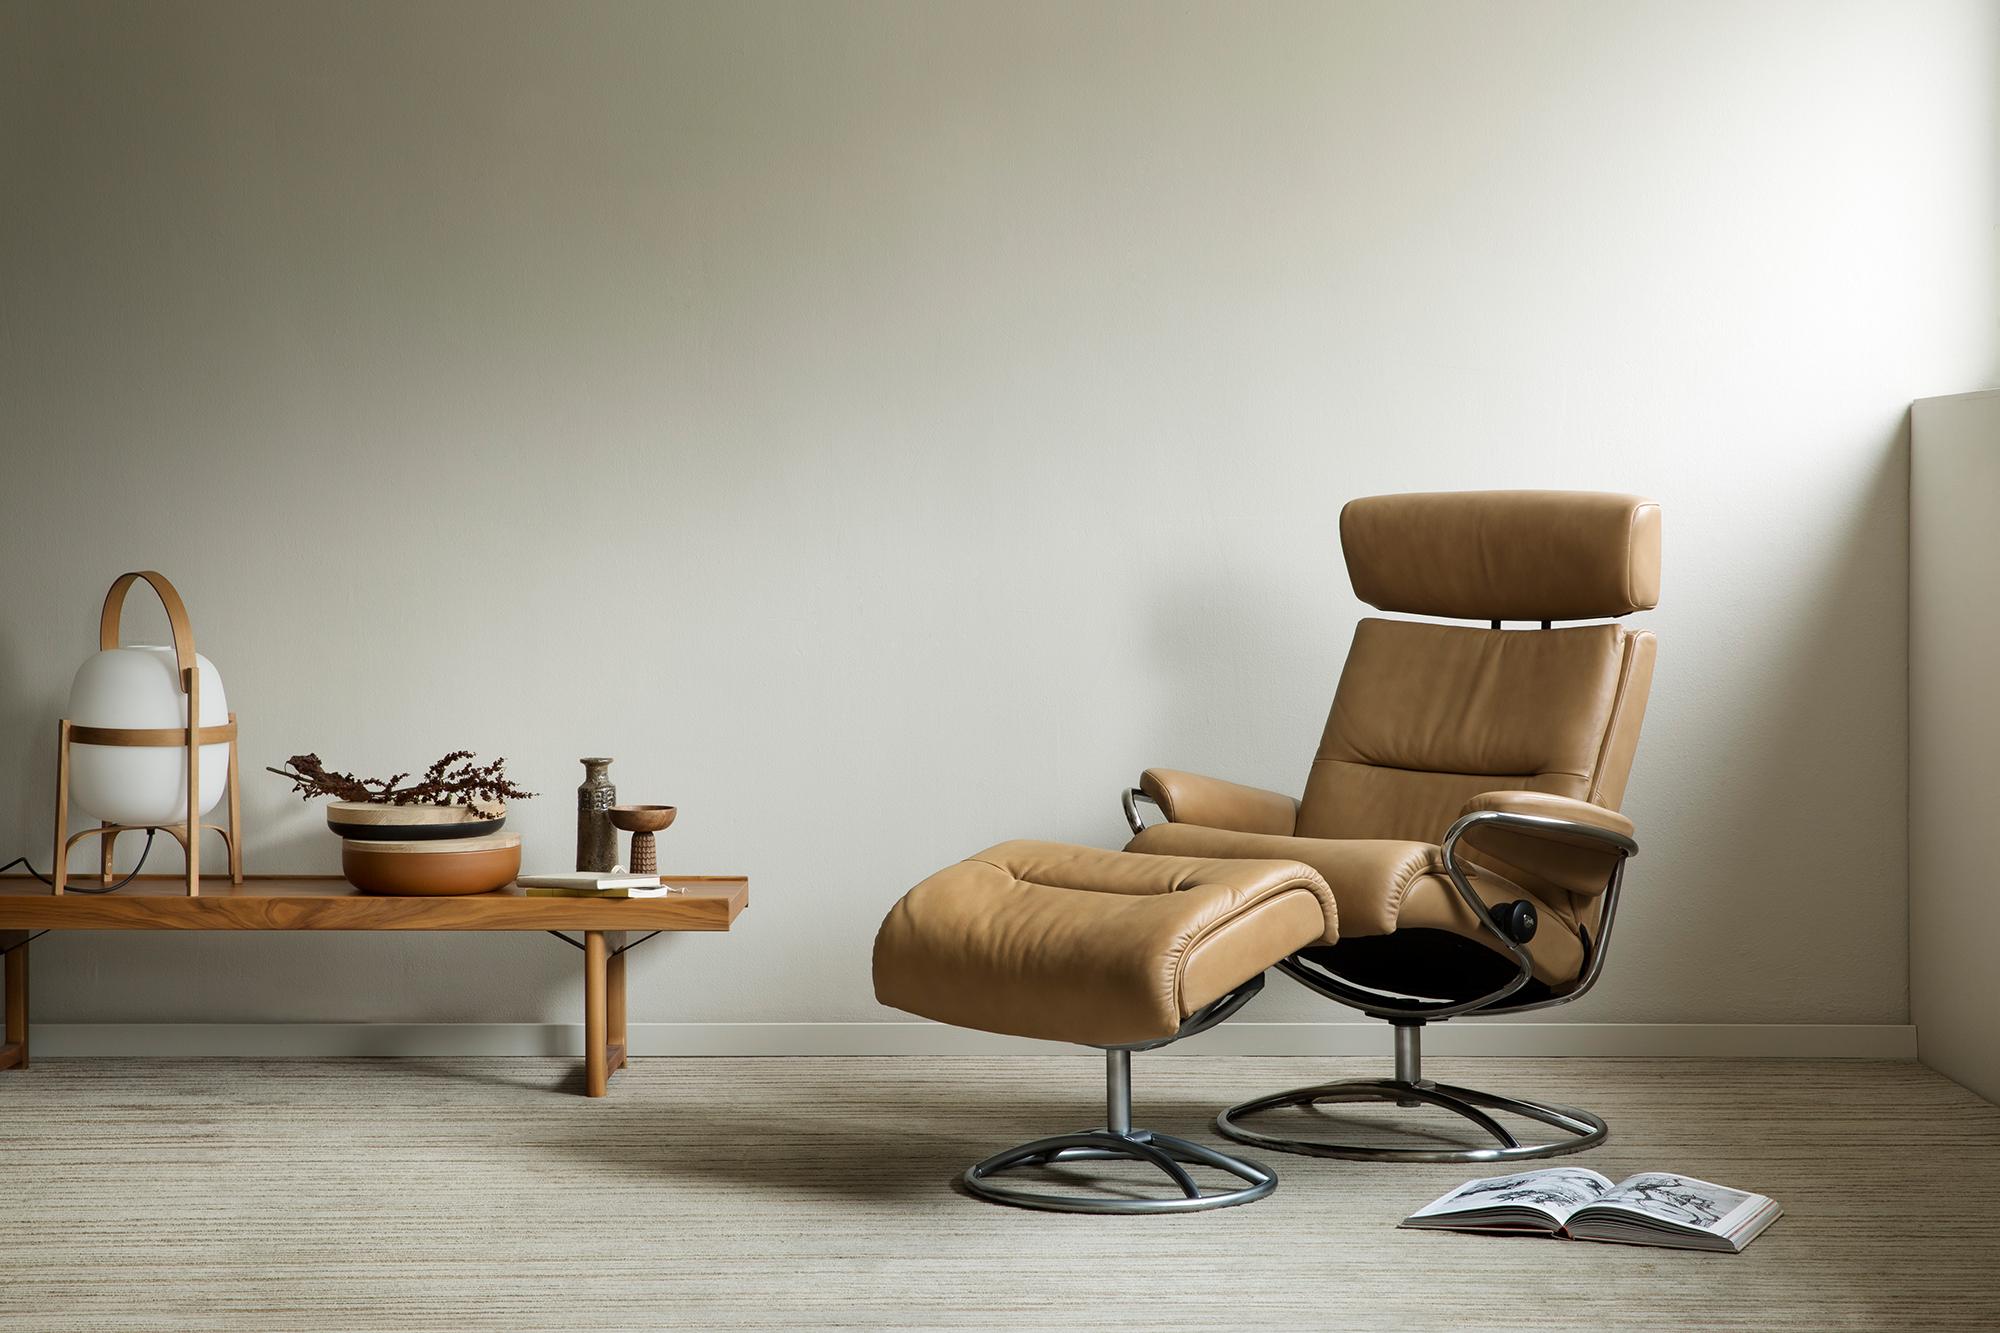 Auch der ungenutzte Platz in der Ecke eignet sich, um mit dem Stressless Tokyo Sessel eine Leseecke einzurichten.